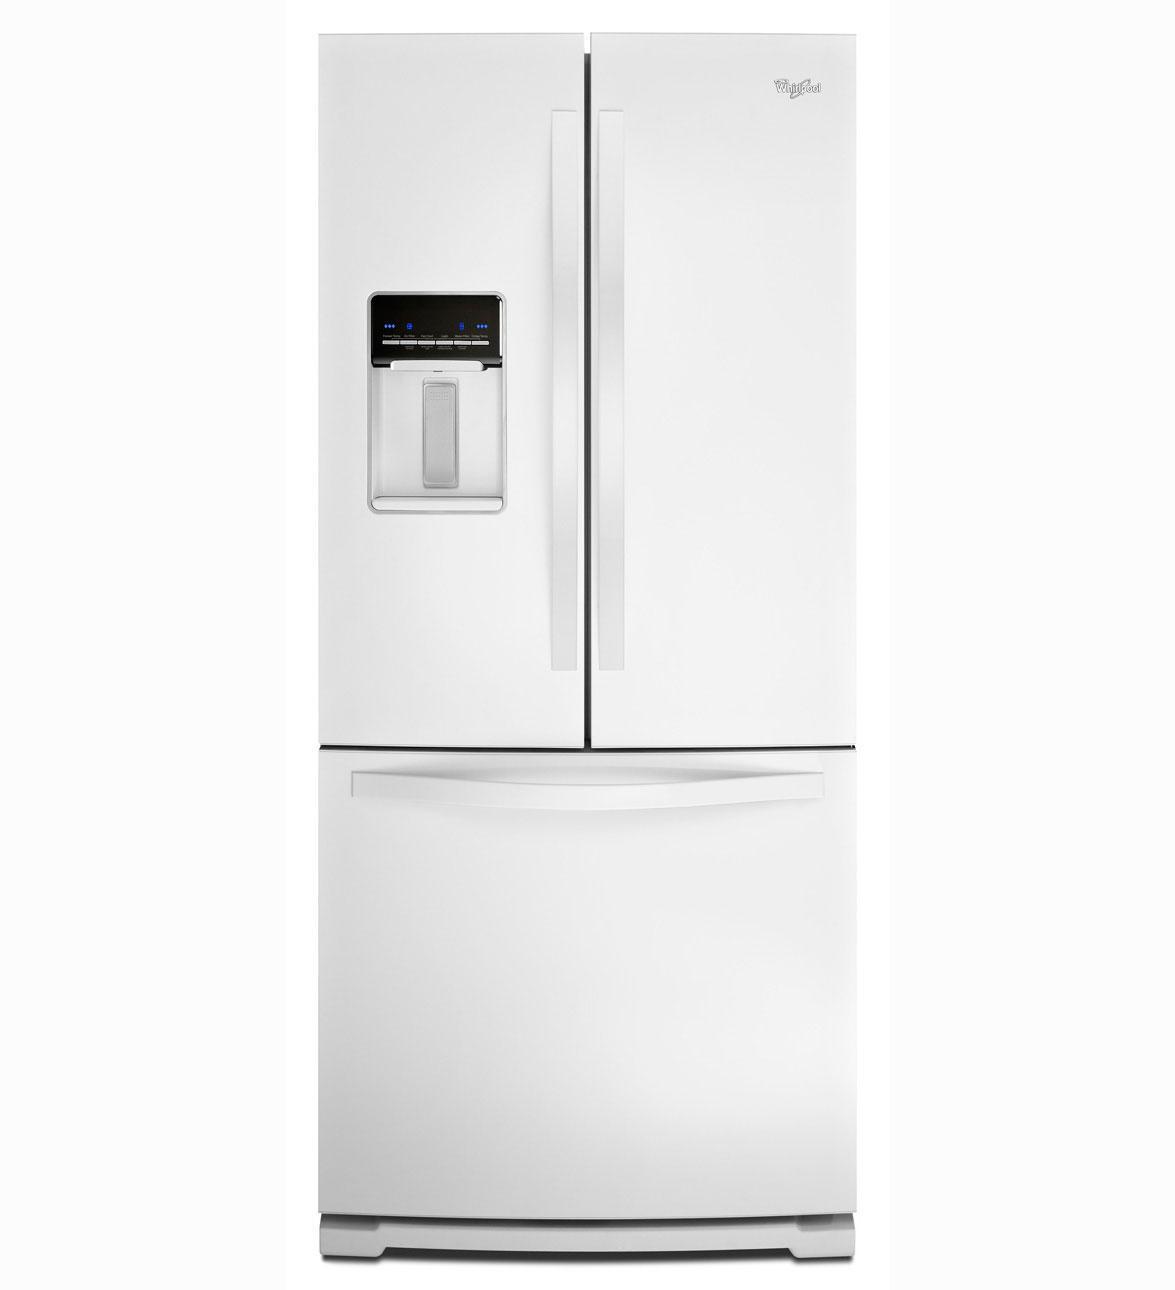 Wrf560seym Whirlpool Wrf560seym Bottom Freezer